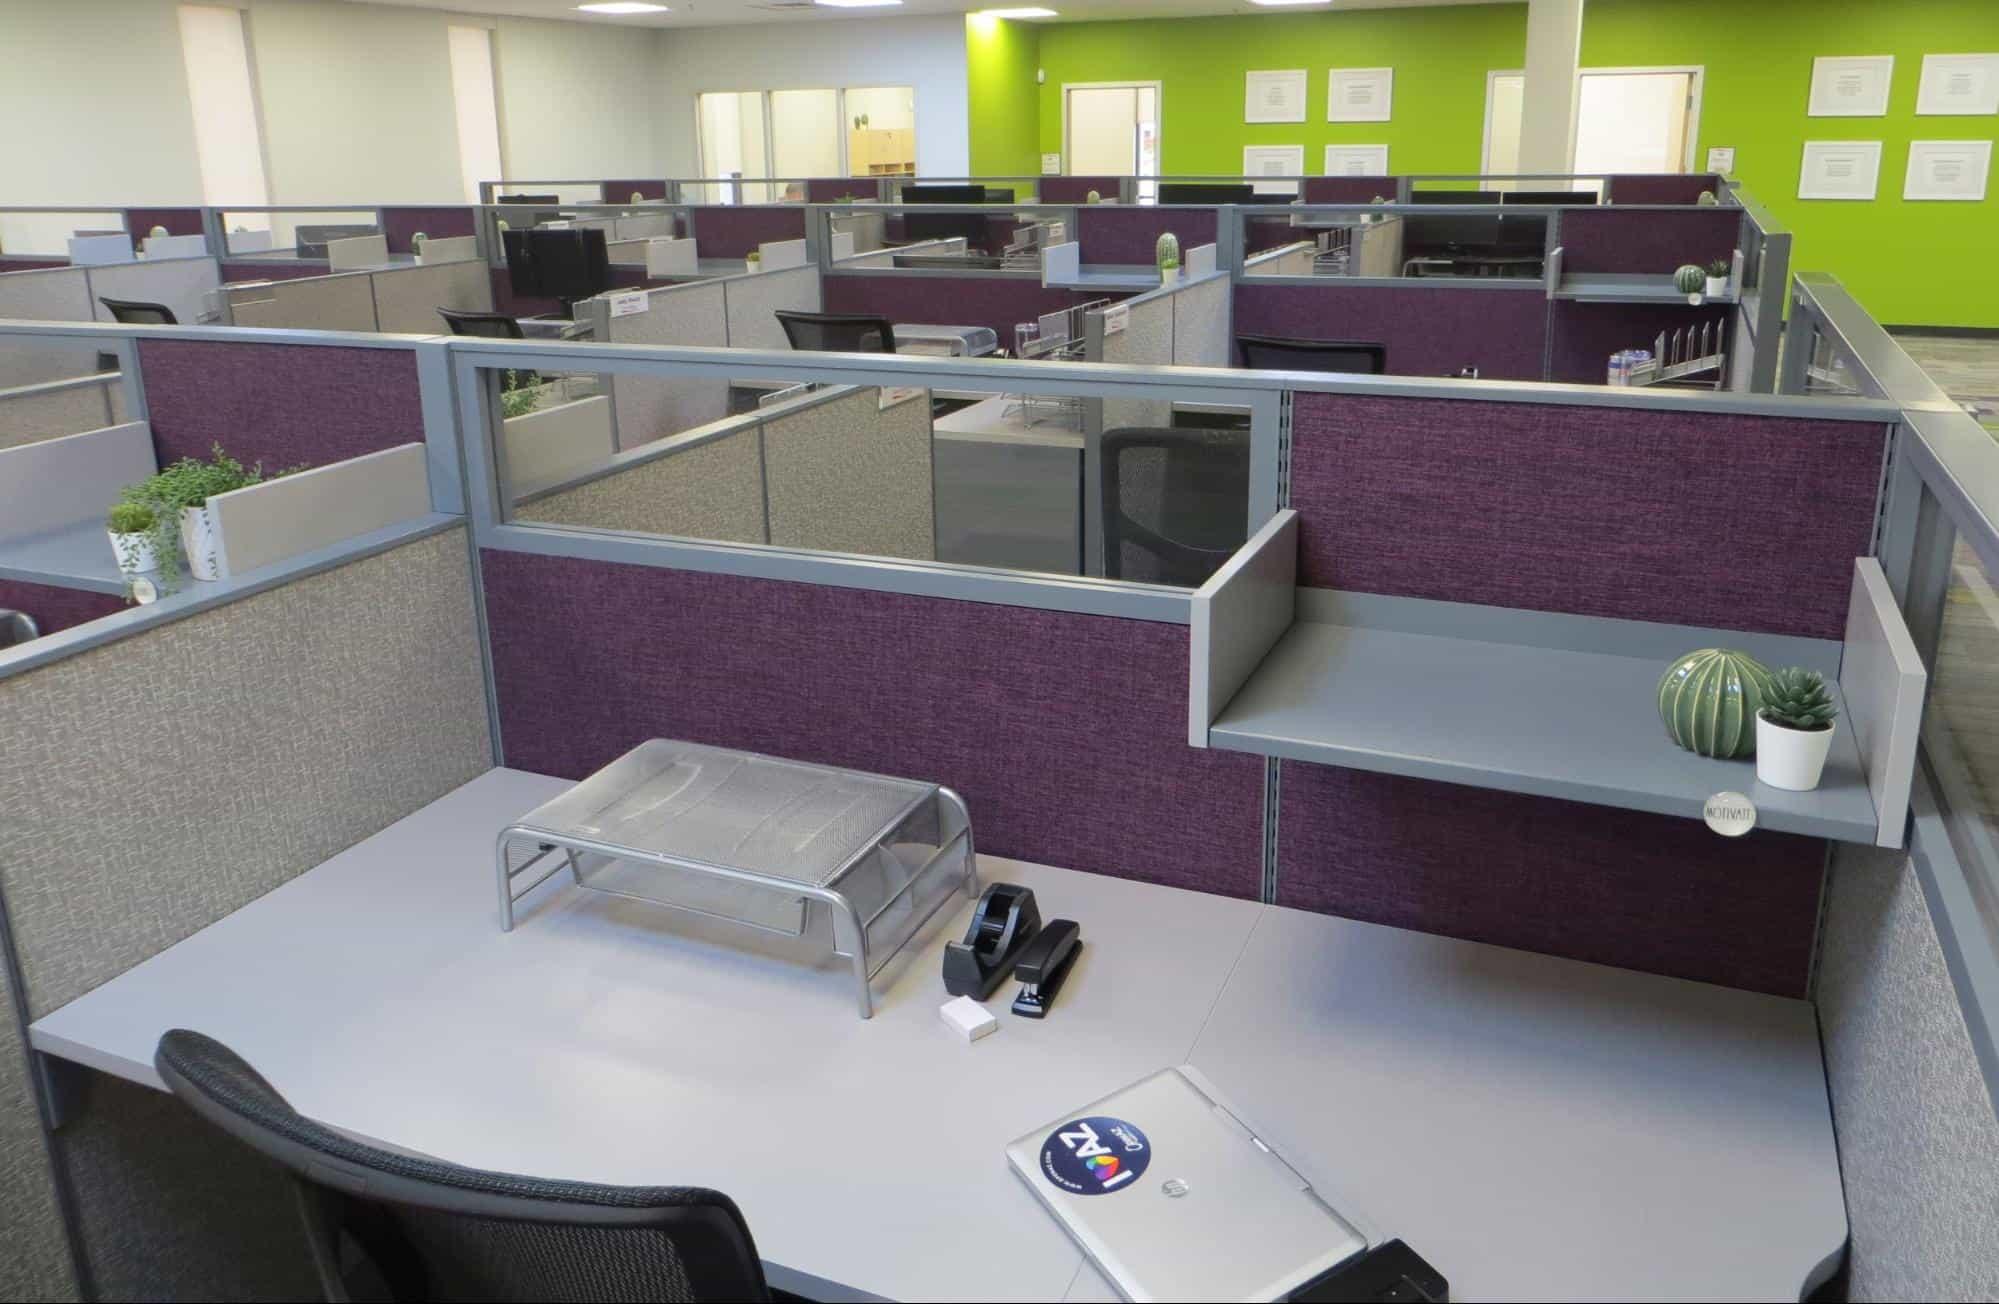 fomentar-la-concentracion-en-espacios-de-oficina-colaborativos